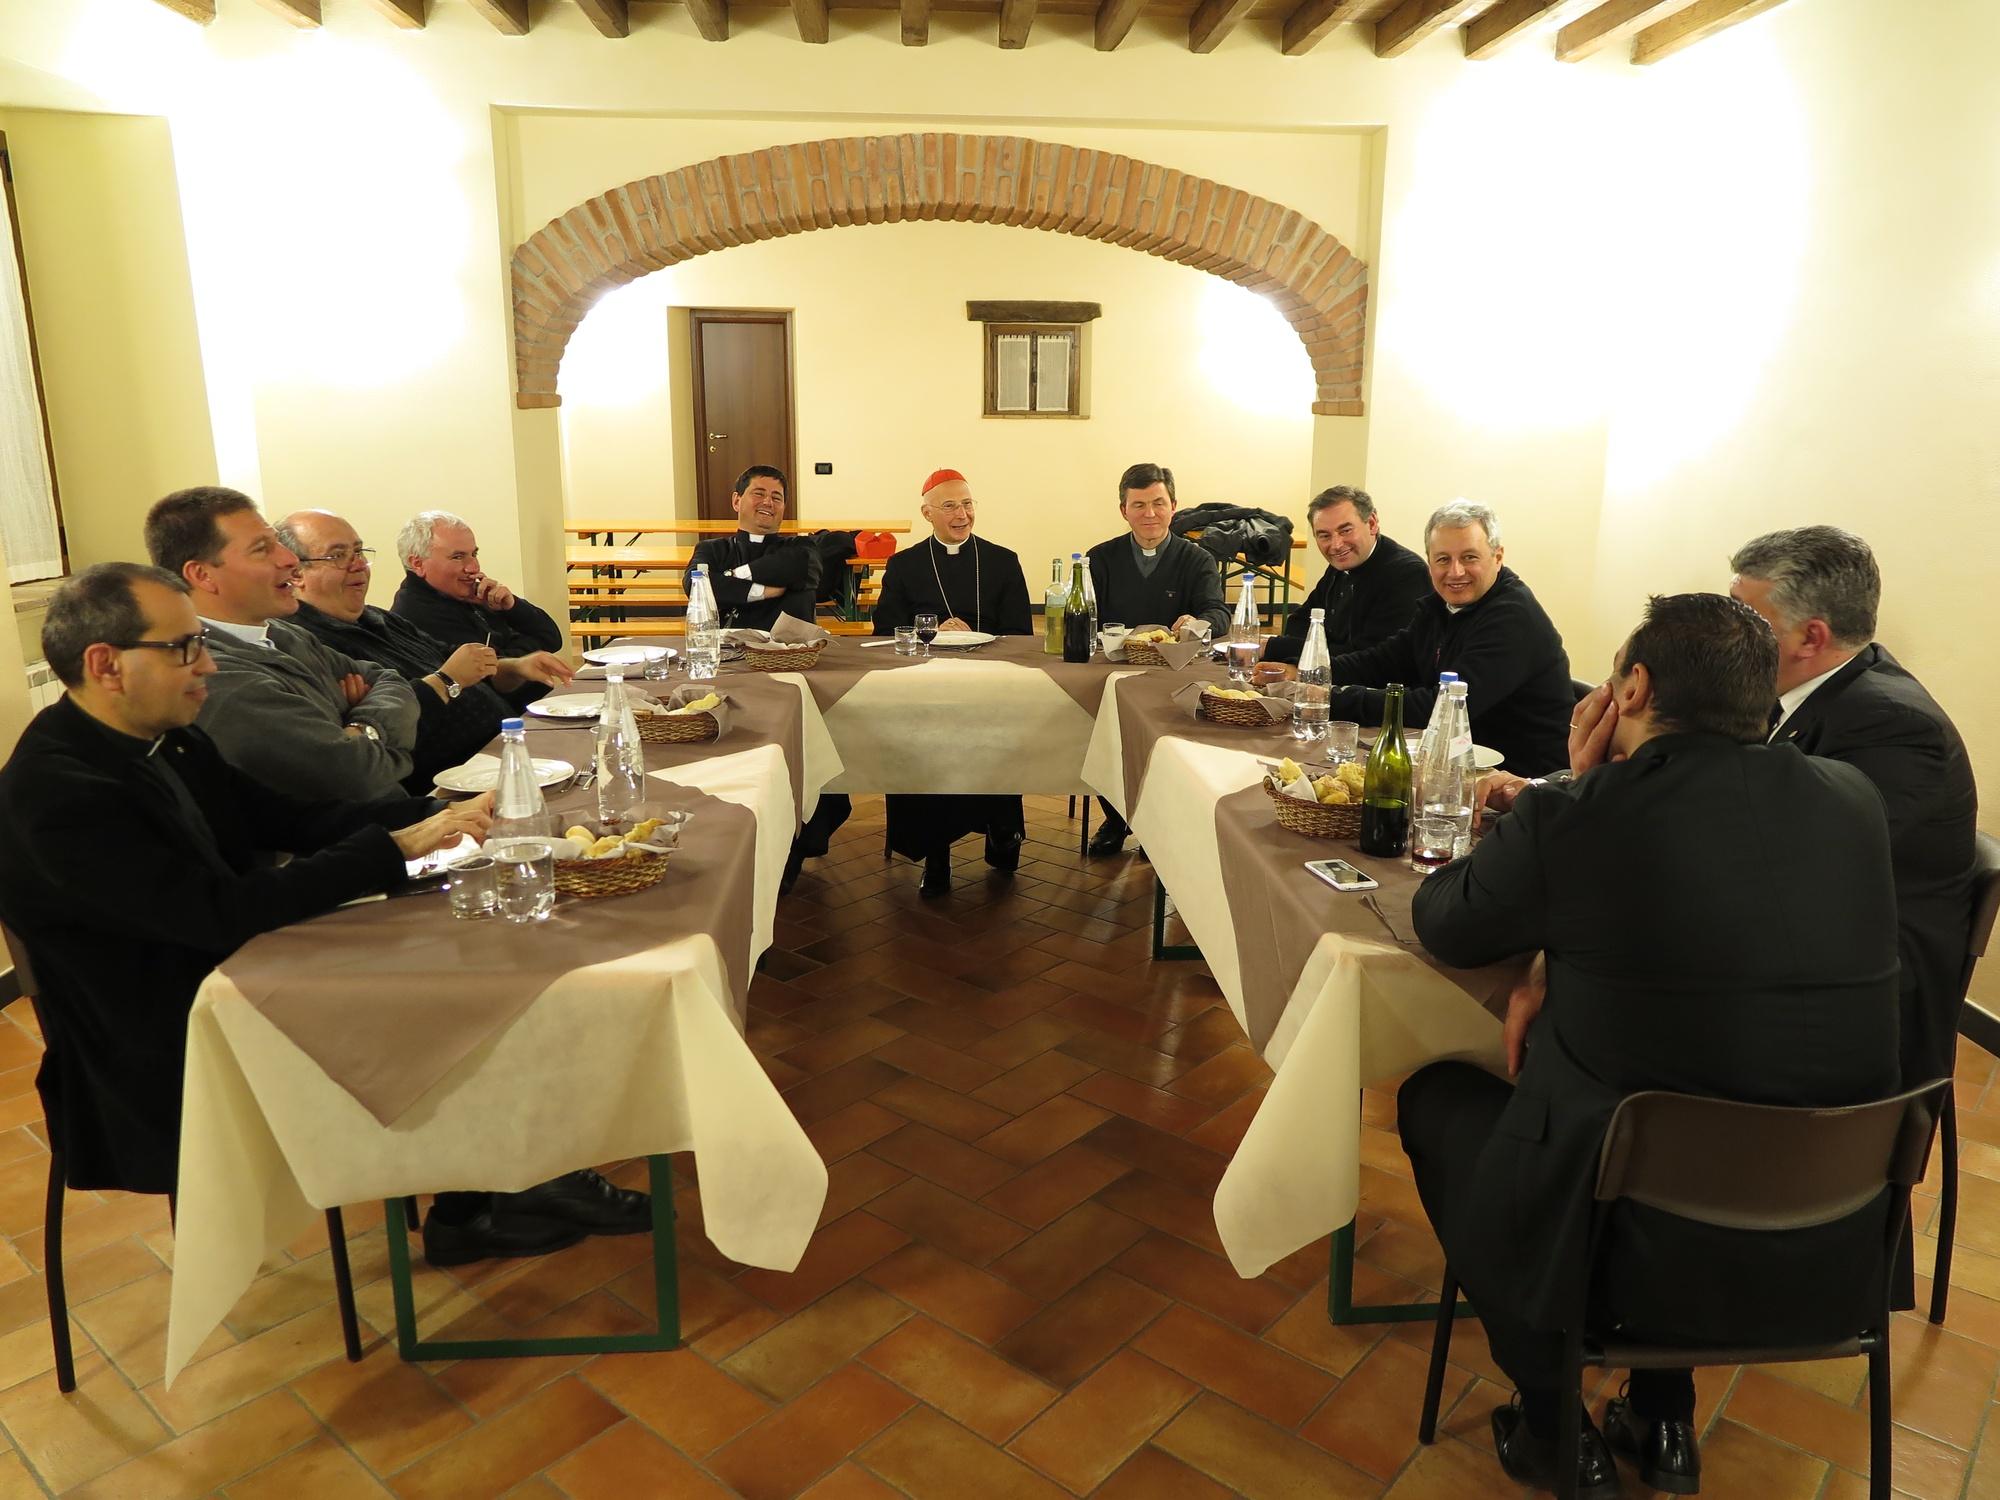 cena-classe-con-cardinale-a-ceranesi-2016-03-17-21-57-06